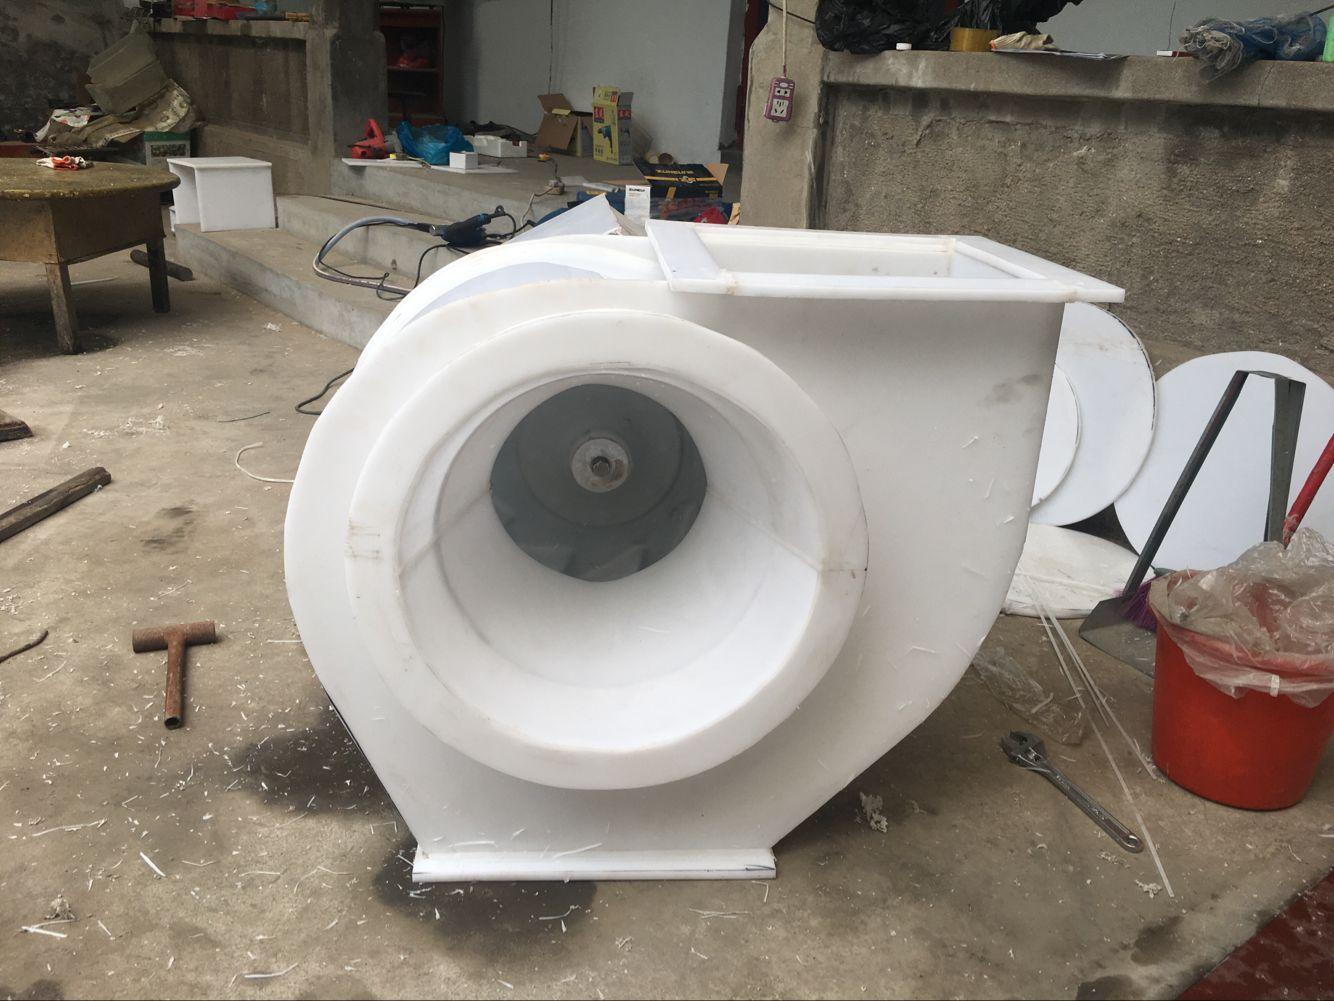 聚丙烯防腐离心风机 聚丙烯离心风机 聚丙烯风机